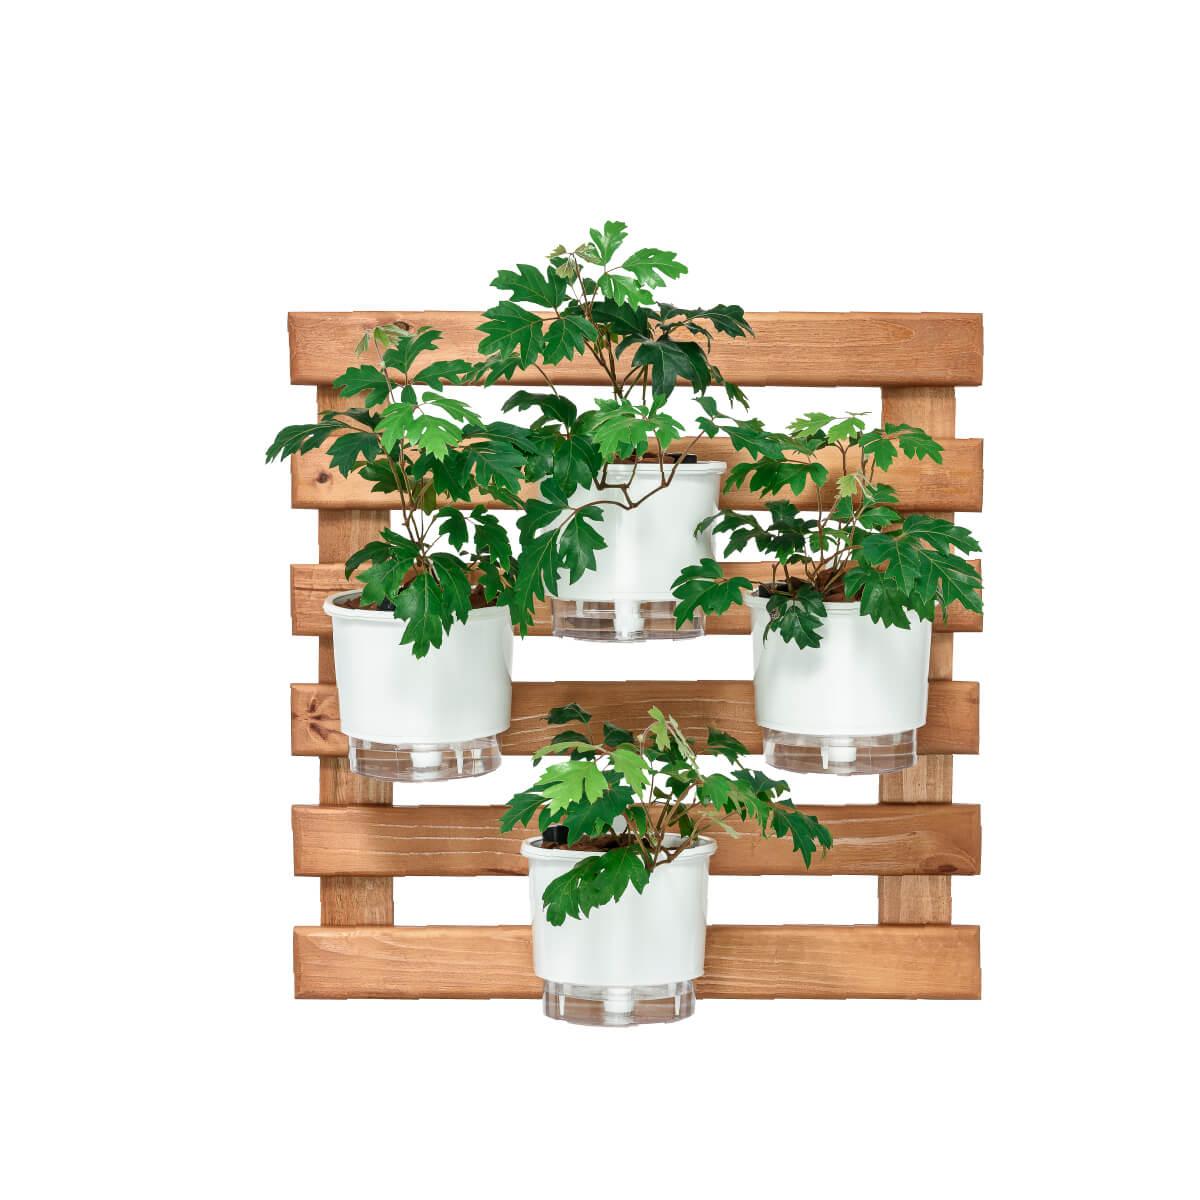 Kit Horta Vertical 60cm x 60cm com 4 Vasos Brancos  - Vasos Raiz Loja Oficial